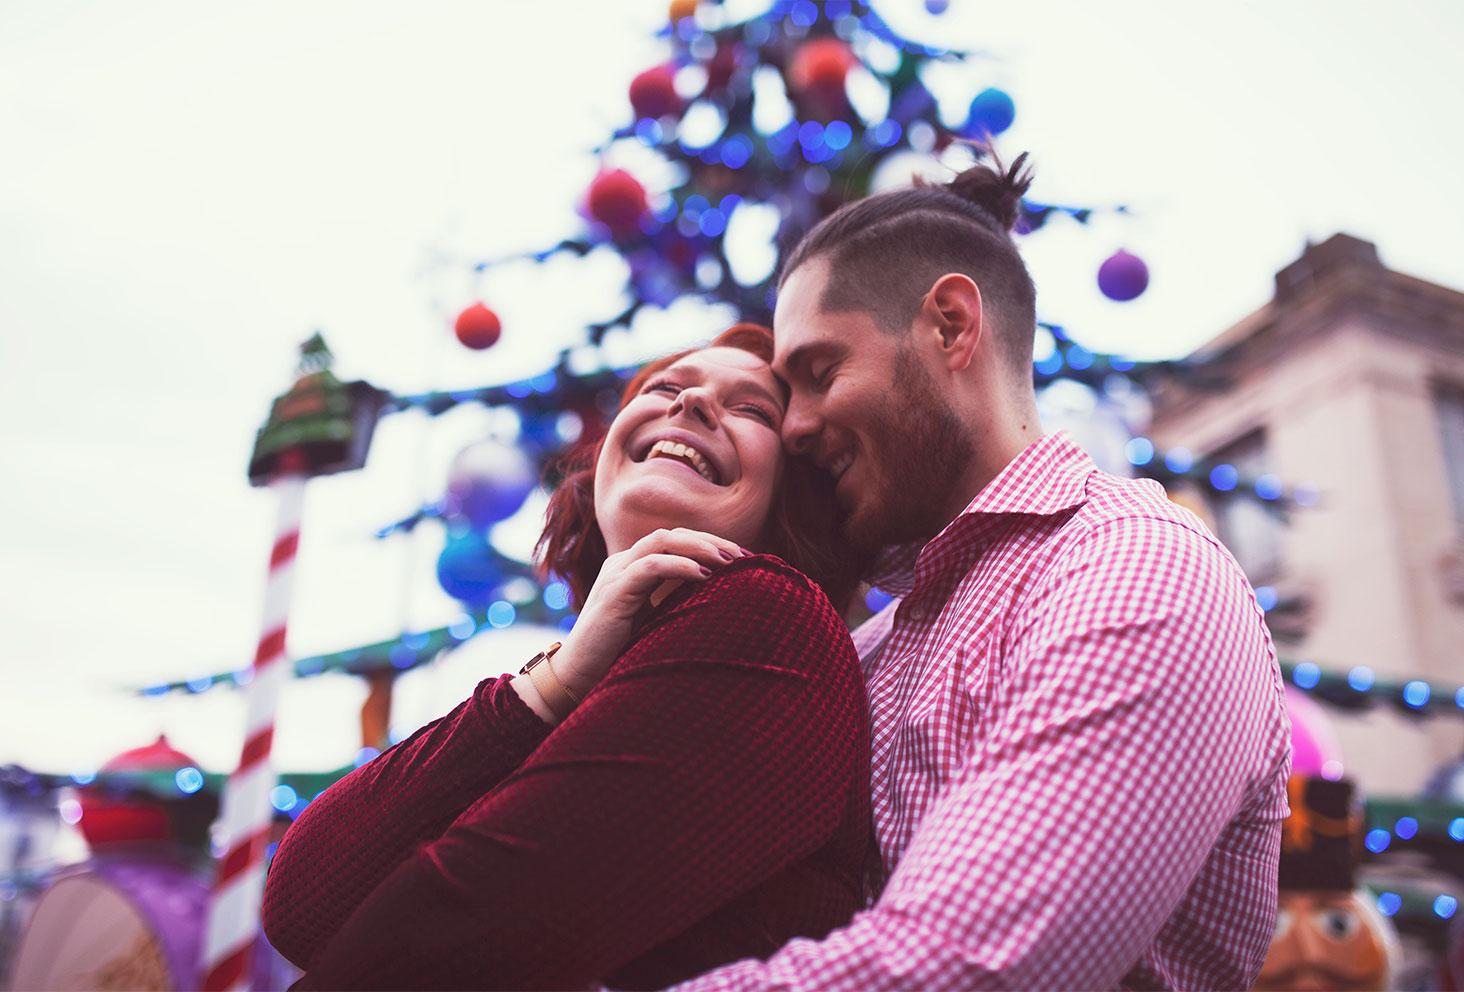 En amoureux avec le sourire au milieu des illuminations du marché de Noël